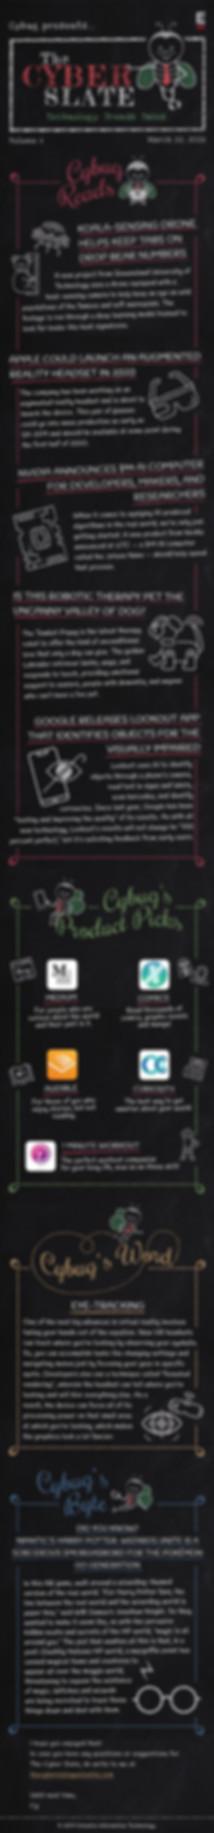 The-Cyber-Slate-Vol-6.jpg